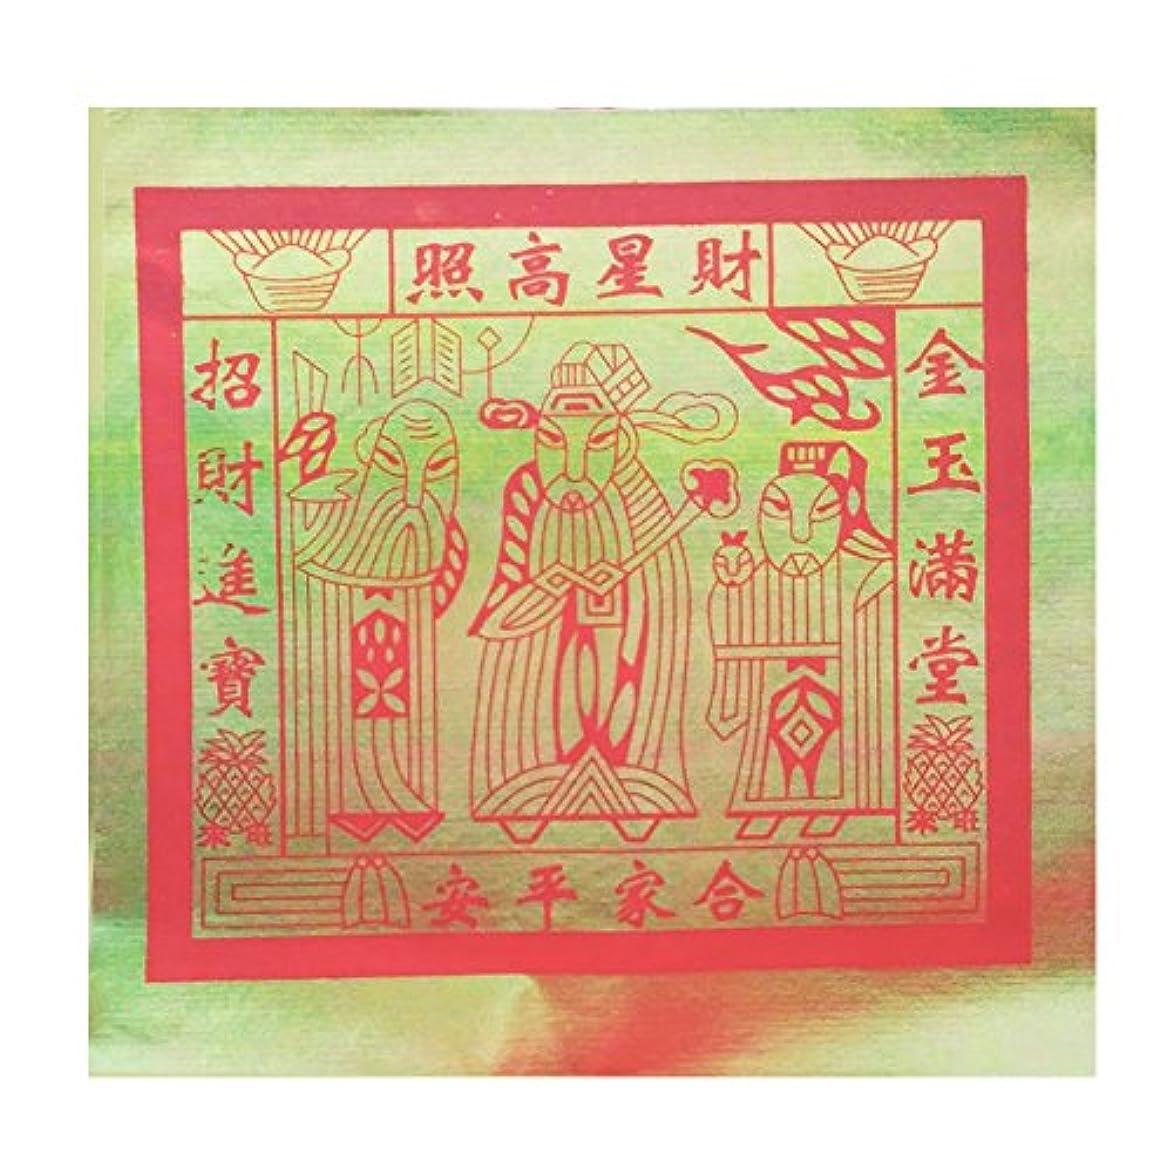 最適満員雑多な100個Incense用紙/ Joss用紙with High Gradeフルゴールド箔サイズ中10.75インチx 10.4インチ